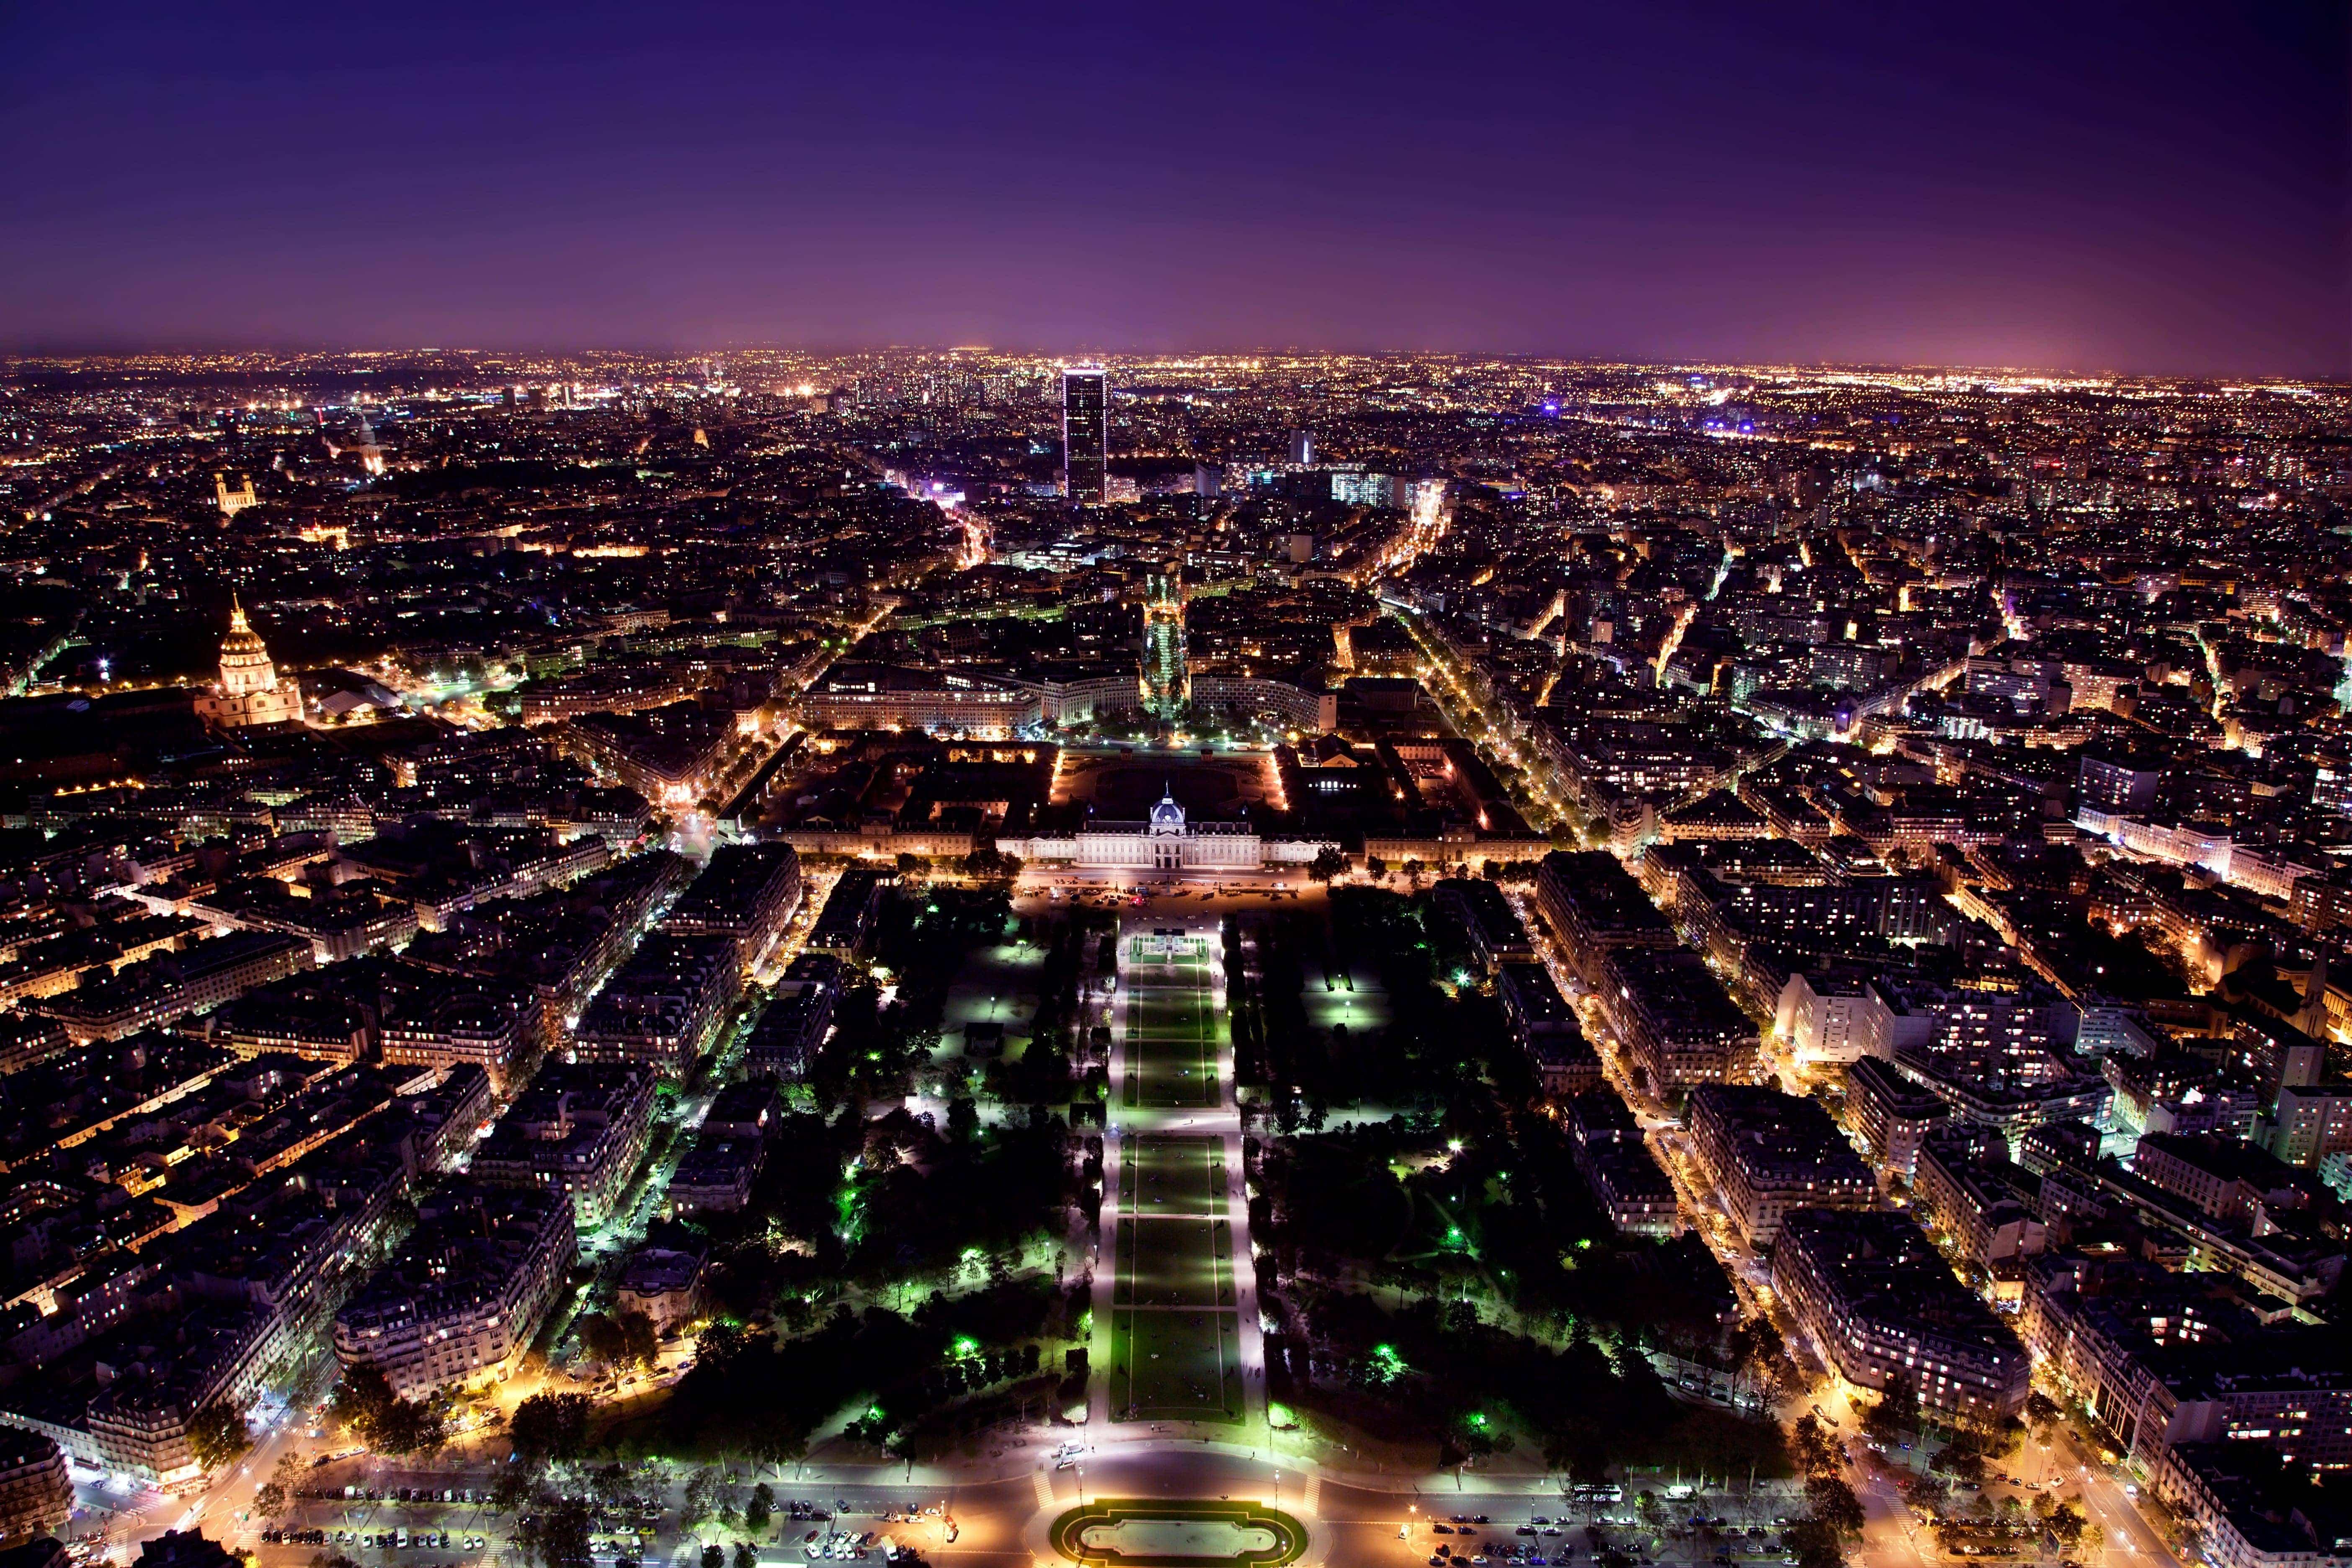 Voici 4 thèmes auxquels un acquéreur potentiel et futur propriétaire doit penser afin de définir sa capacité à acheter un appartement neuf à Argenteuil . 4 thèmes qui abordent de manière simple, des conseils et des informations pour réaliser son achat neuf à Argenteuil en toute sécurité.